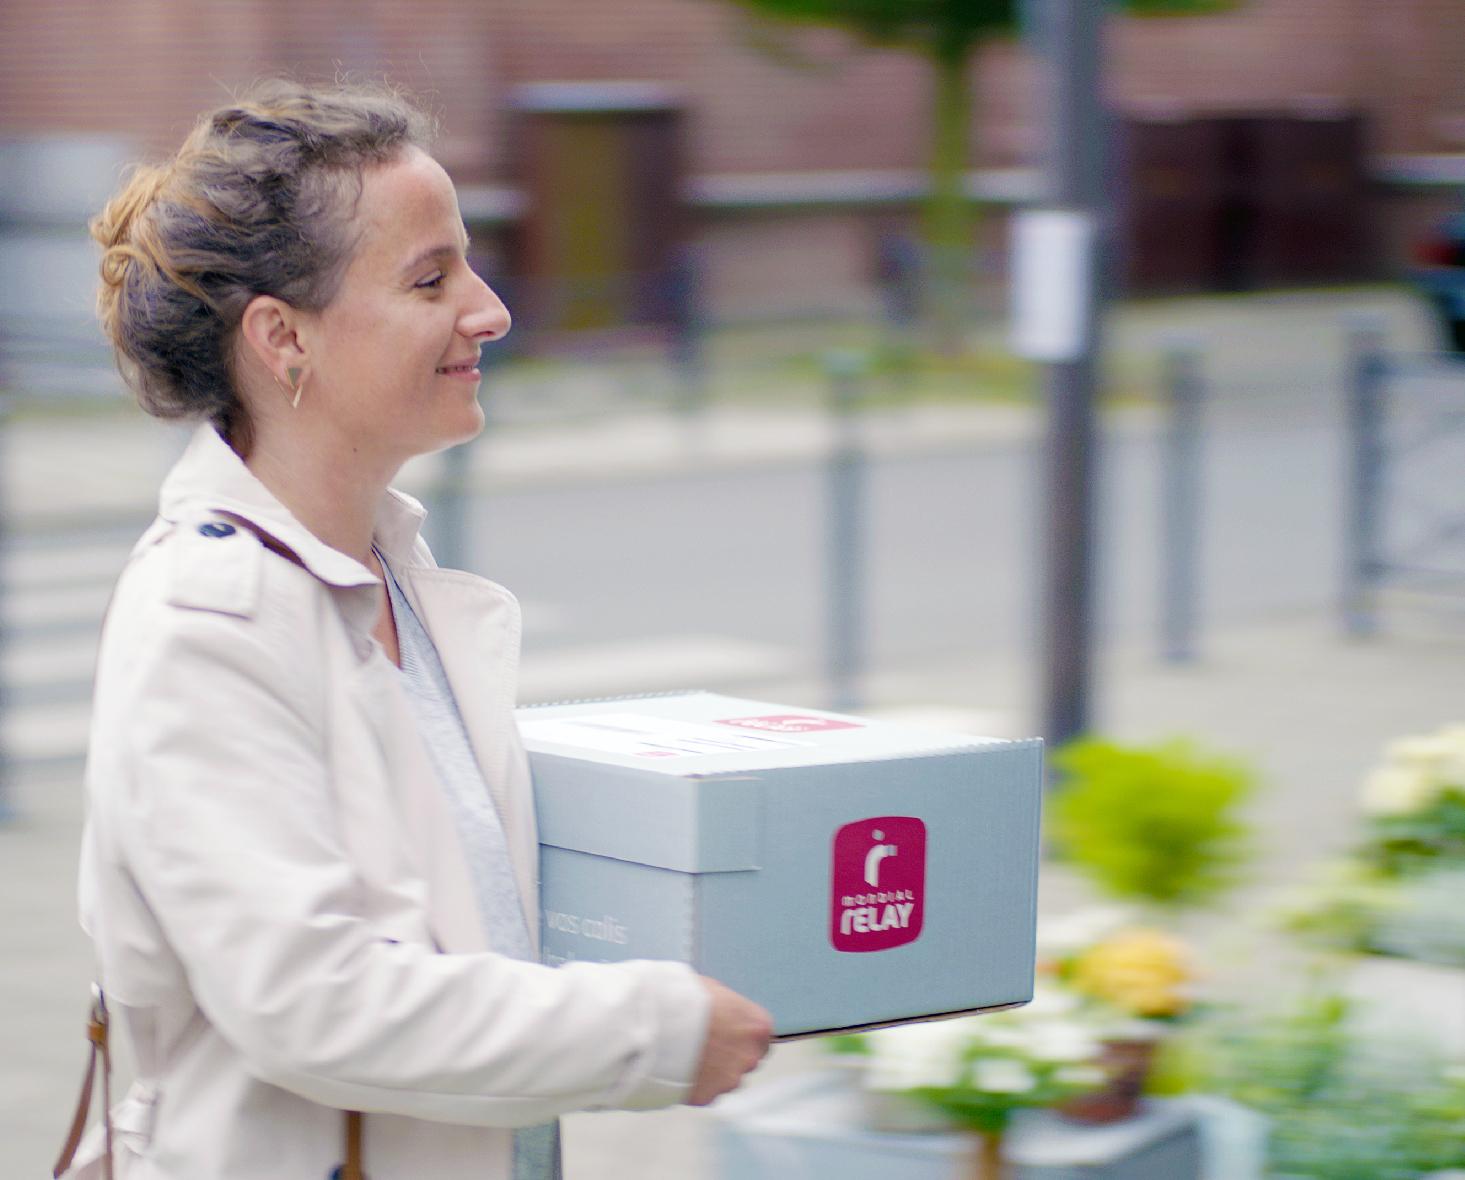 Mondial Relay ofrece un 50% de descuento en el primer envío para nuevos clientes